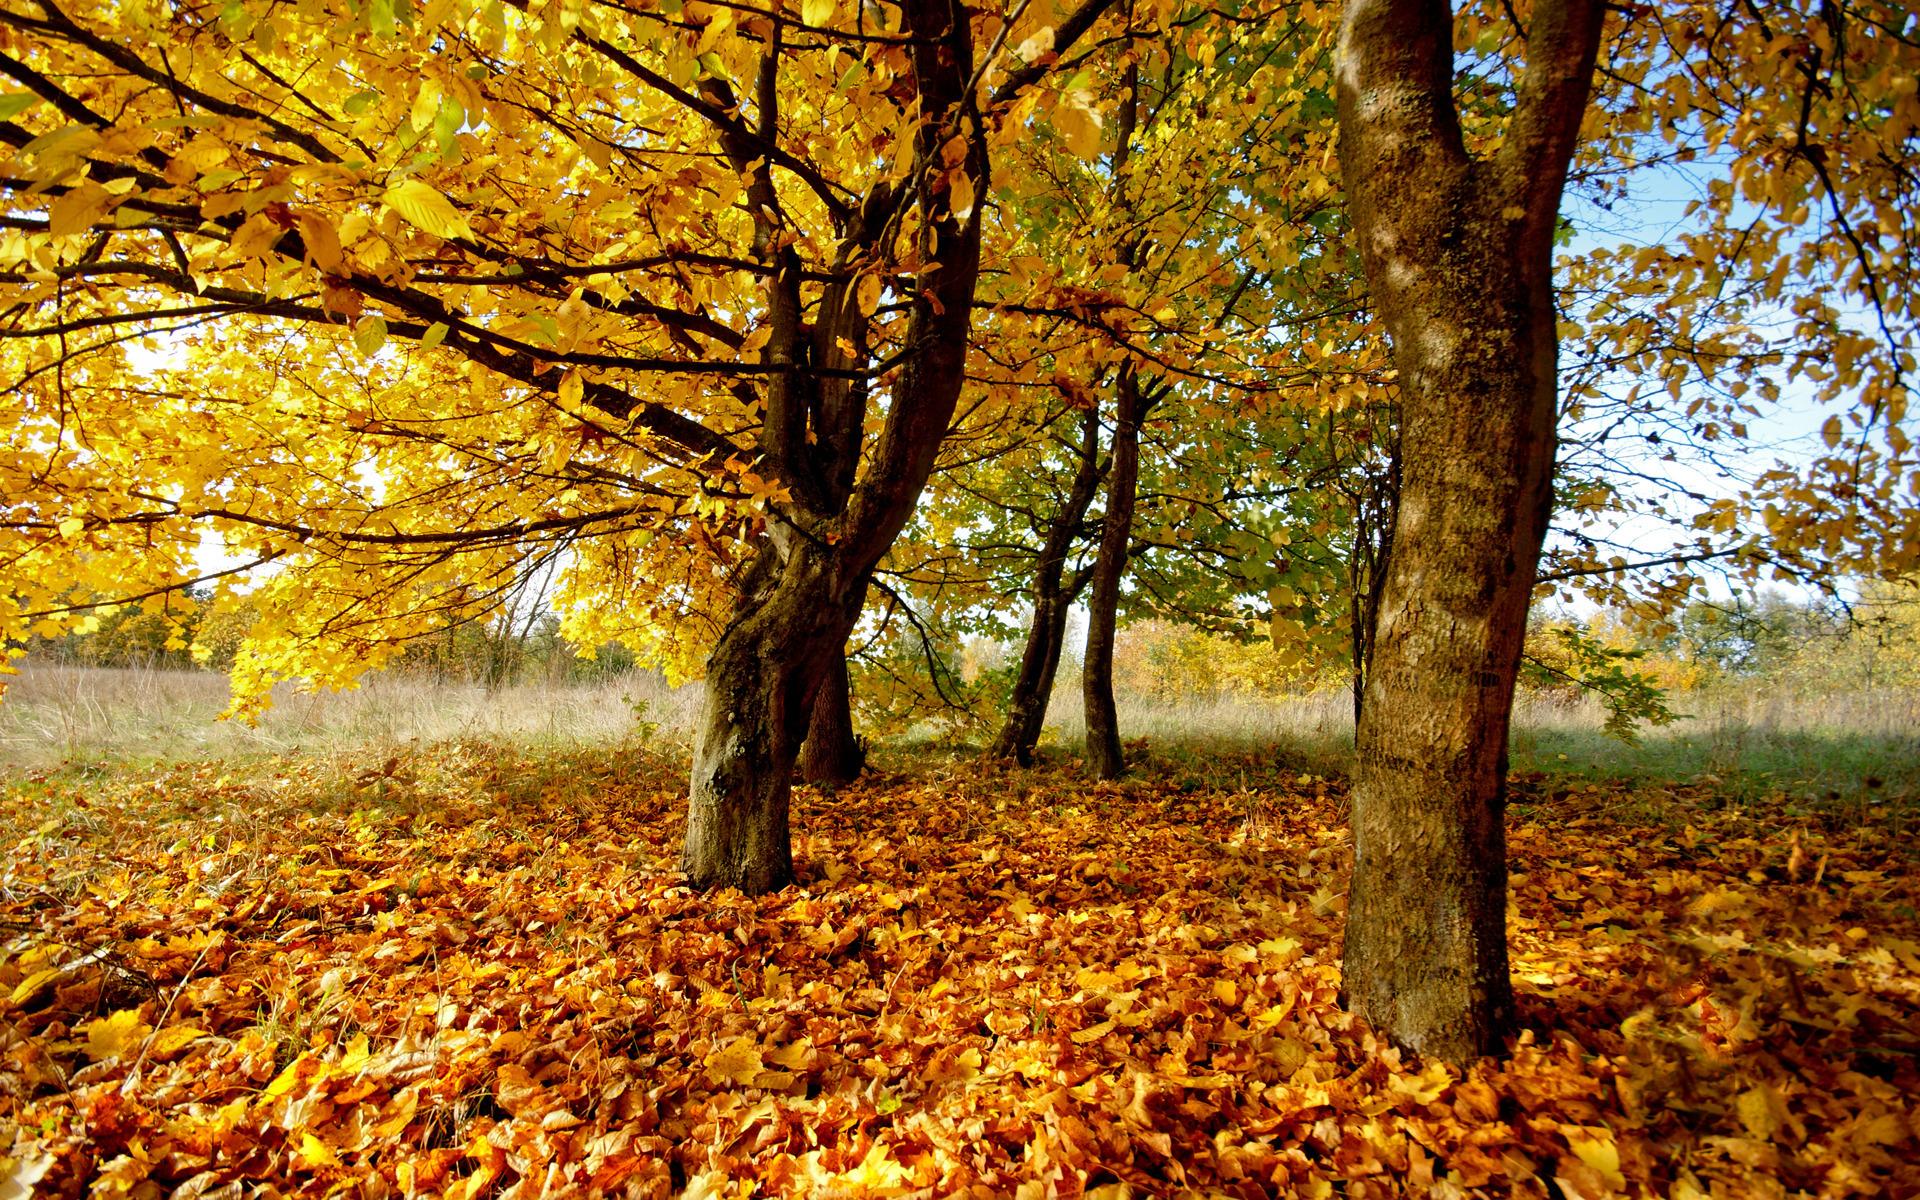 природа деревья листья осень nature trees leaves autumn  № 1036924 загрузить